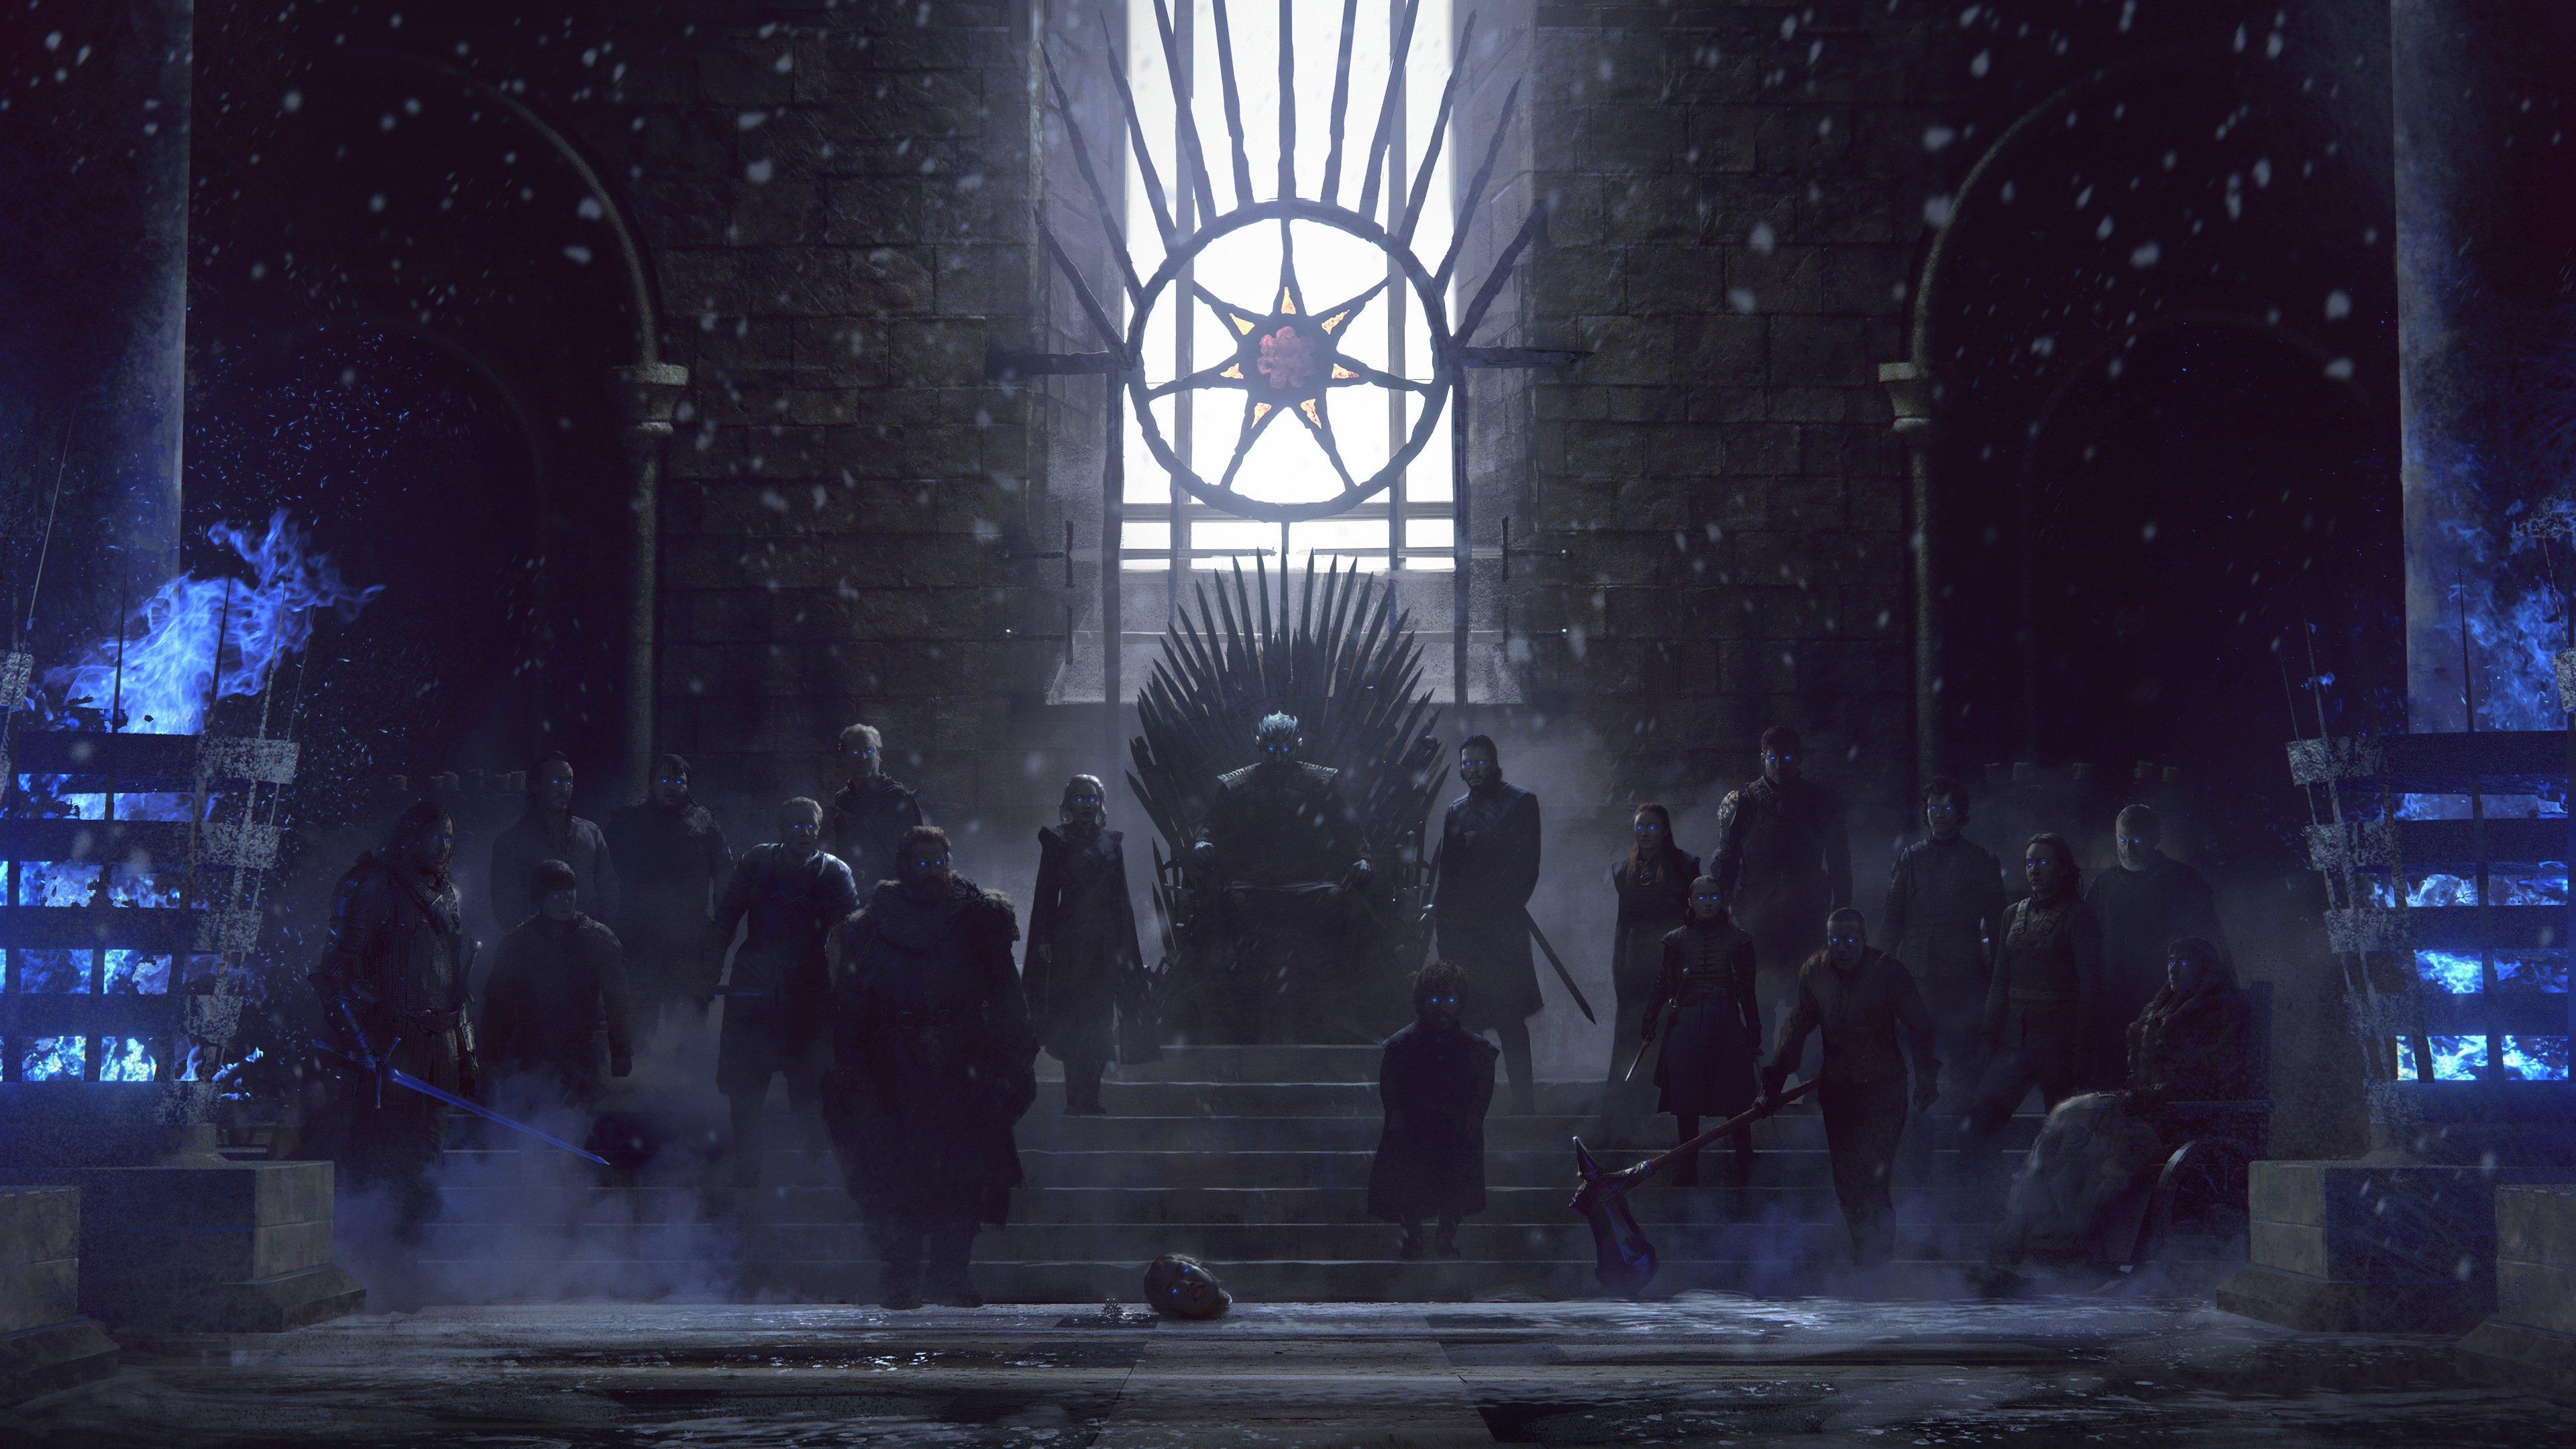 Fondos de pantalla Juego de tronos personajes en trono de hierro